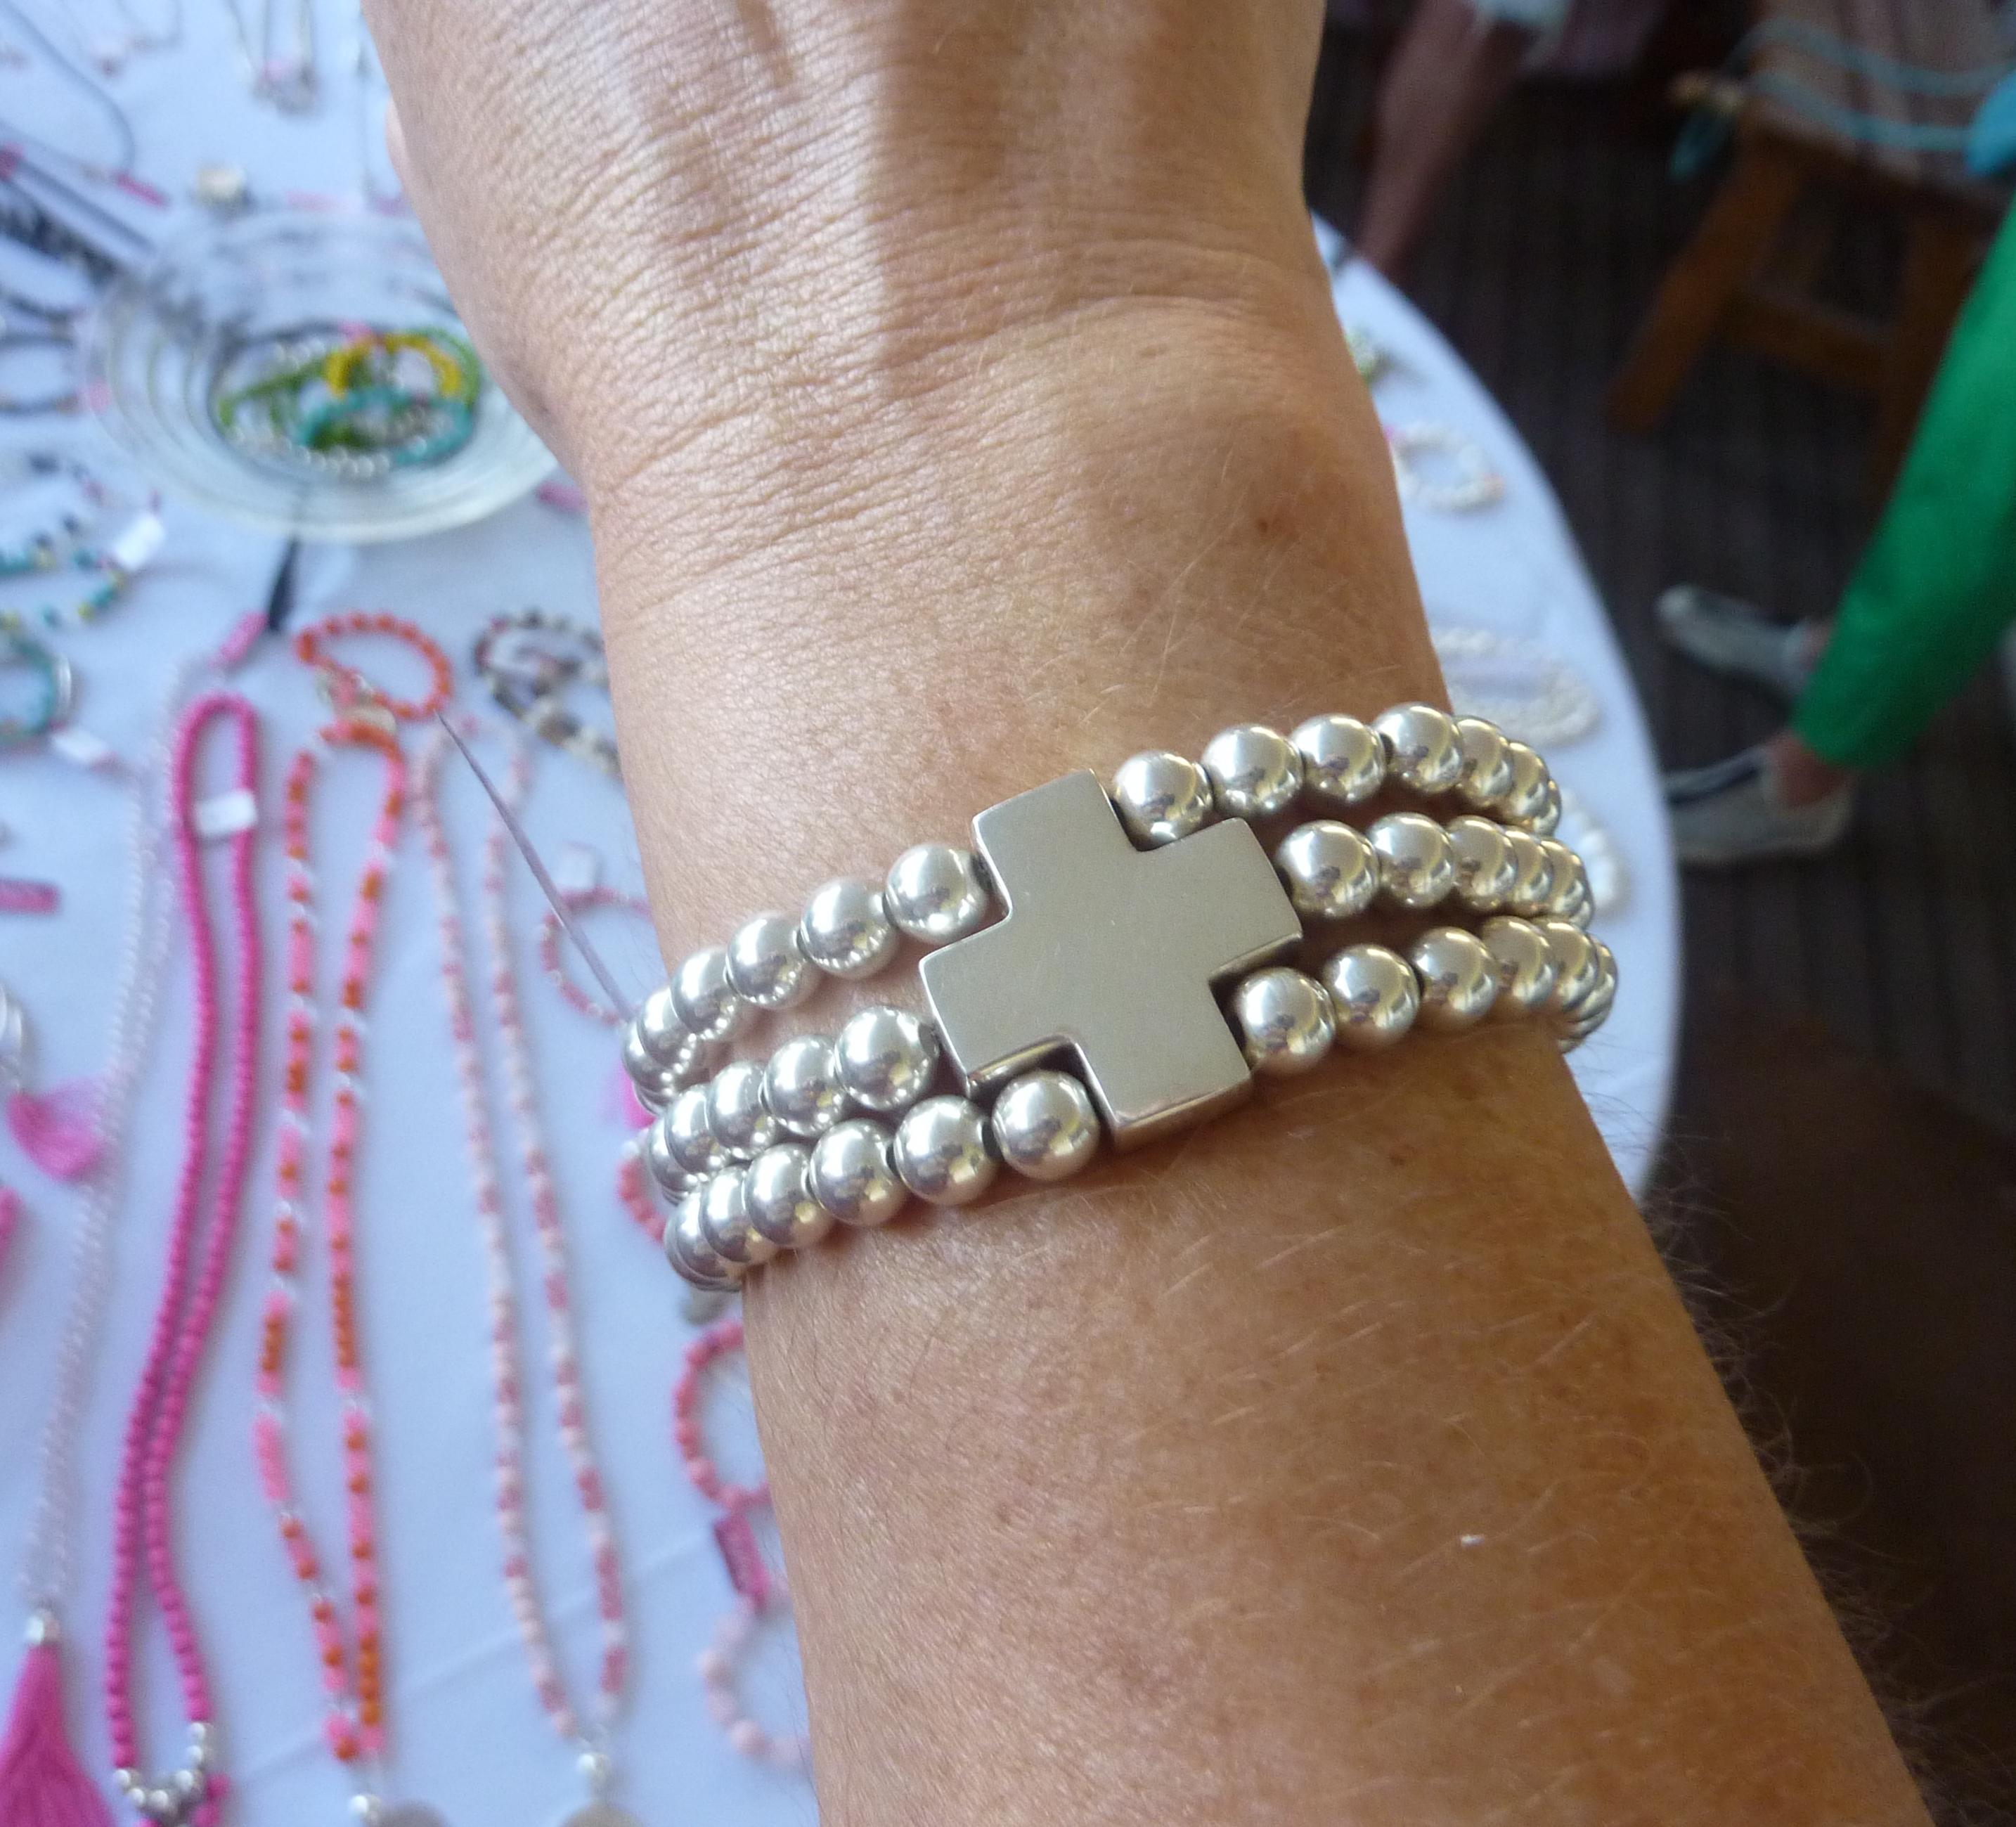 Silver cross bracelet - $150